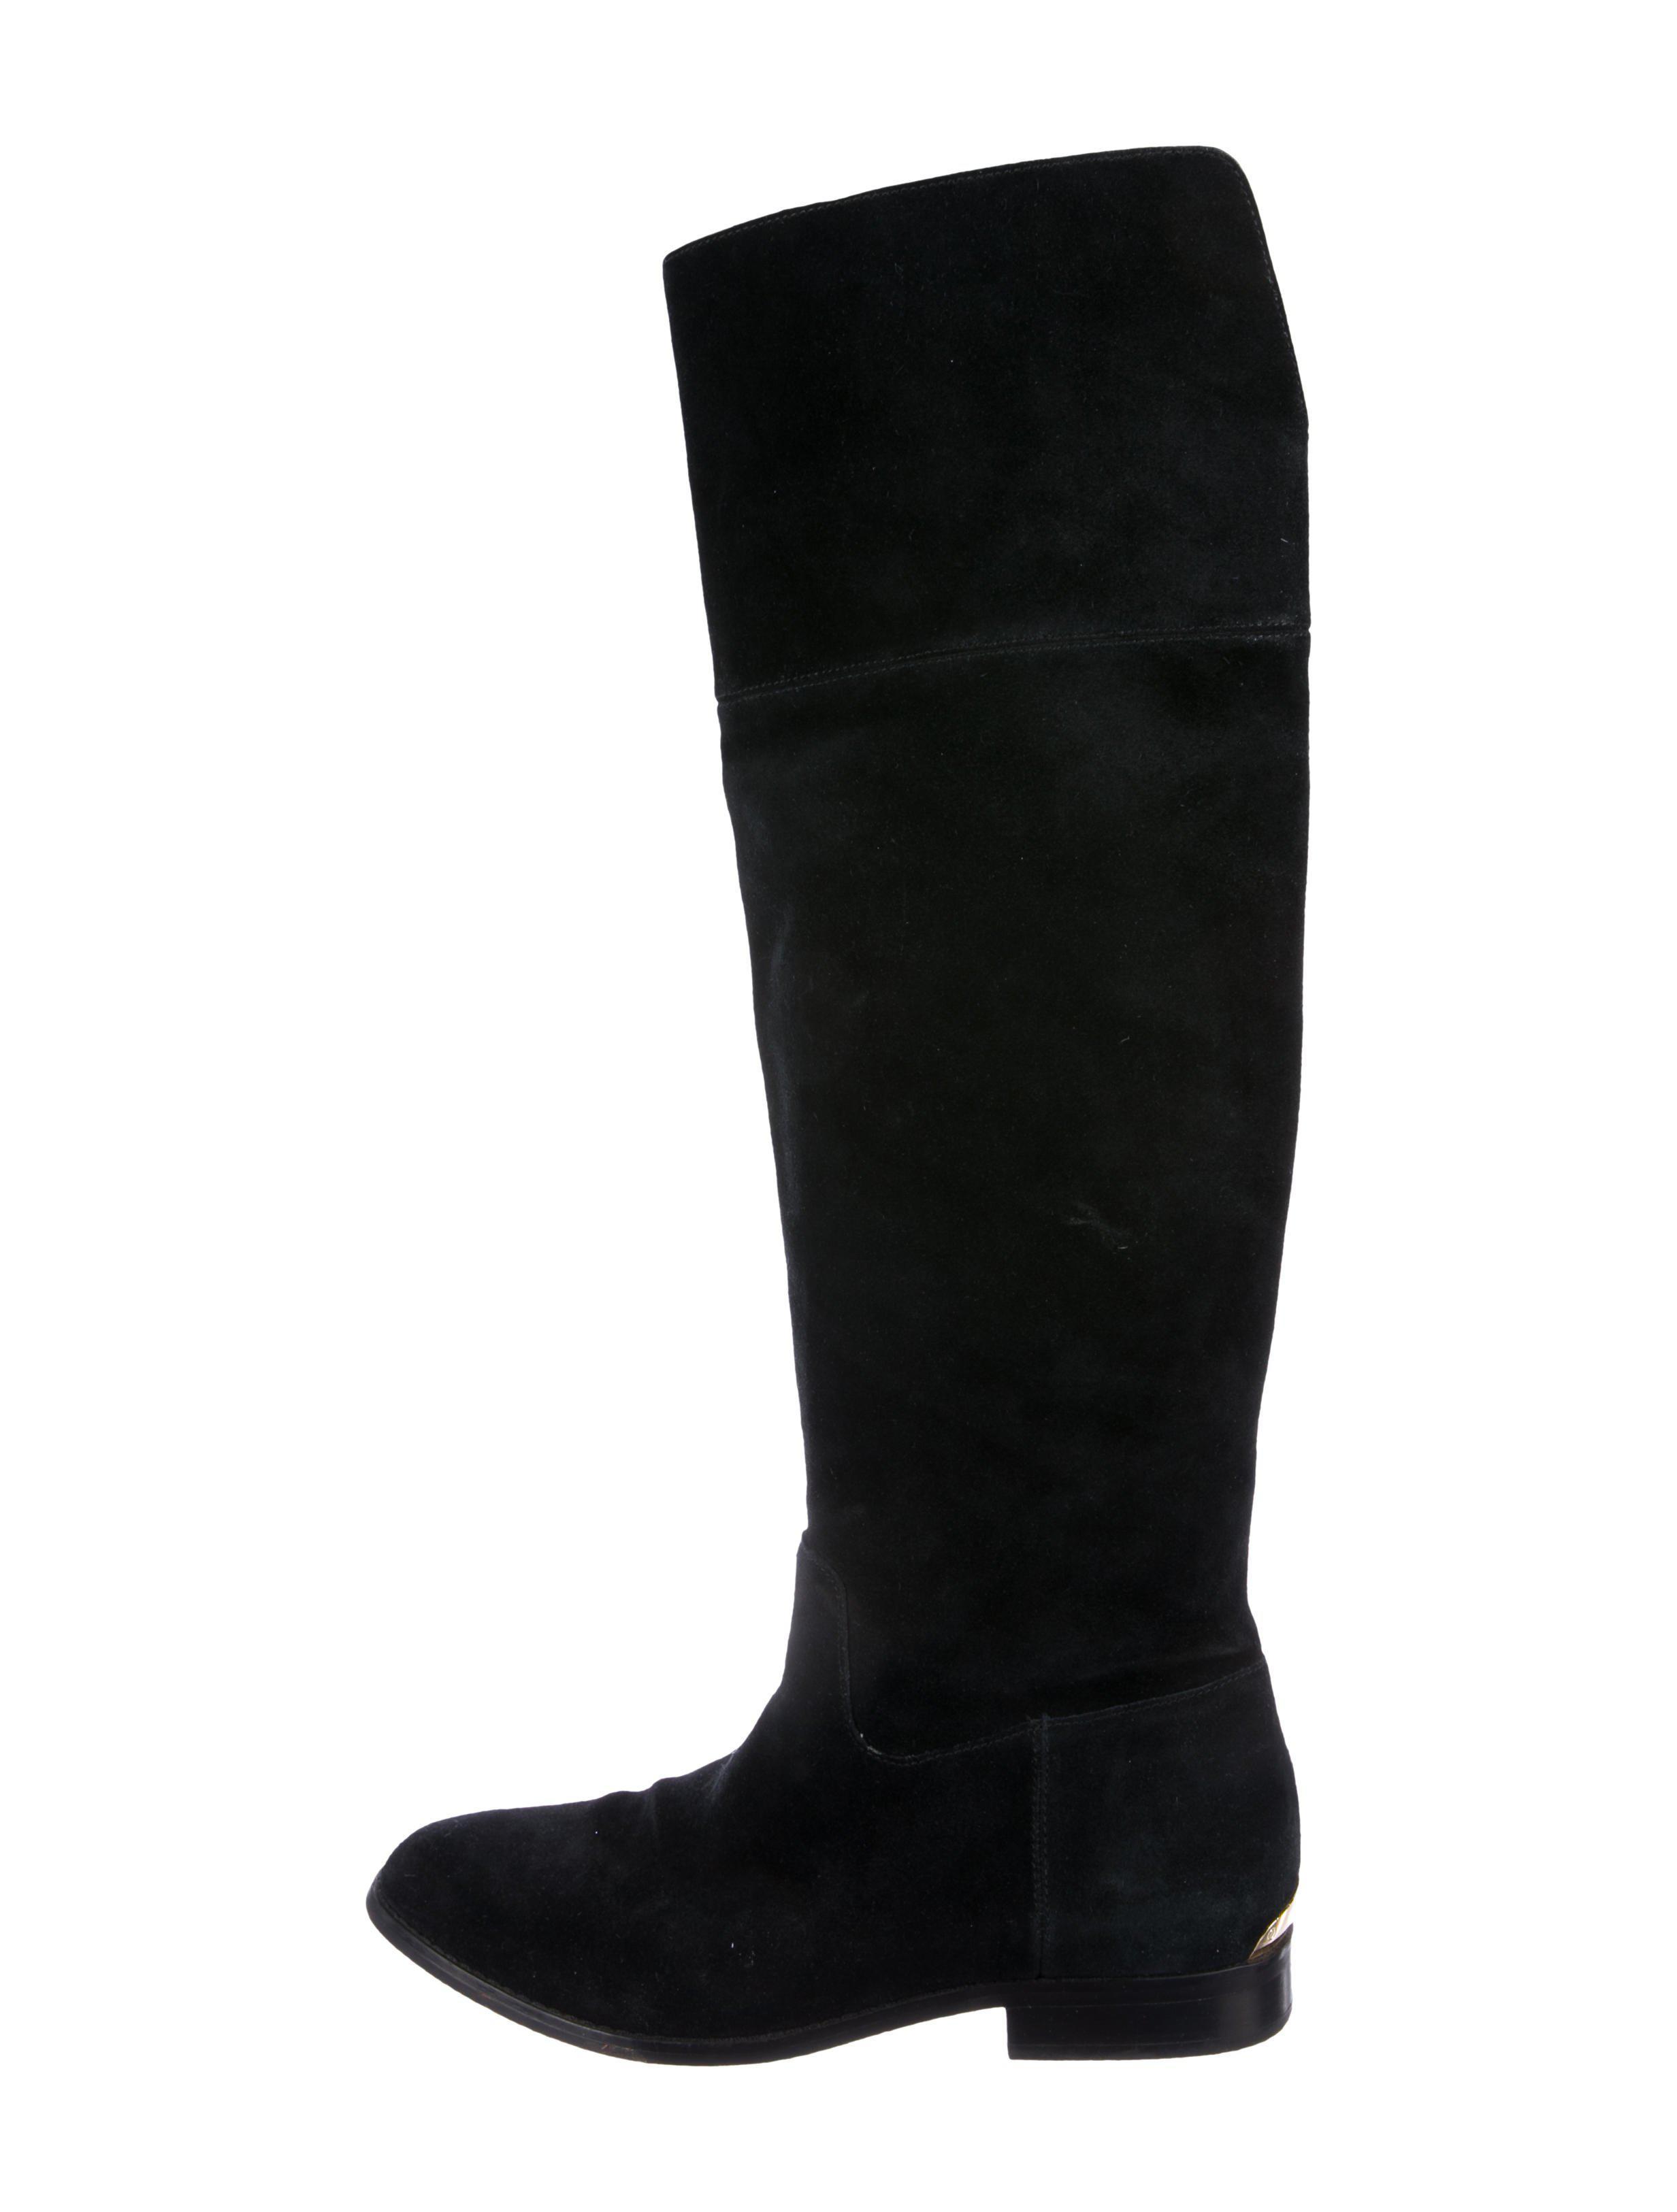 5c880d2e9290 MICHAEL Michael Kors. Women s Black Michael Kors Suede Over-the-knee Boots